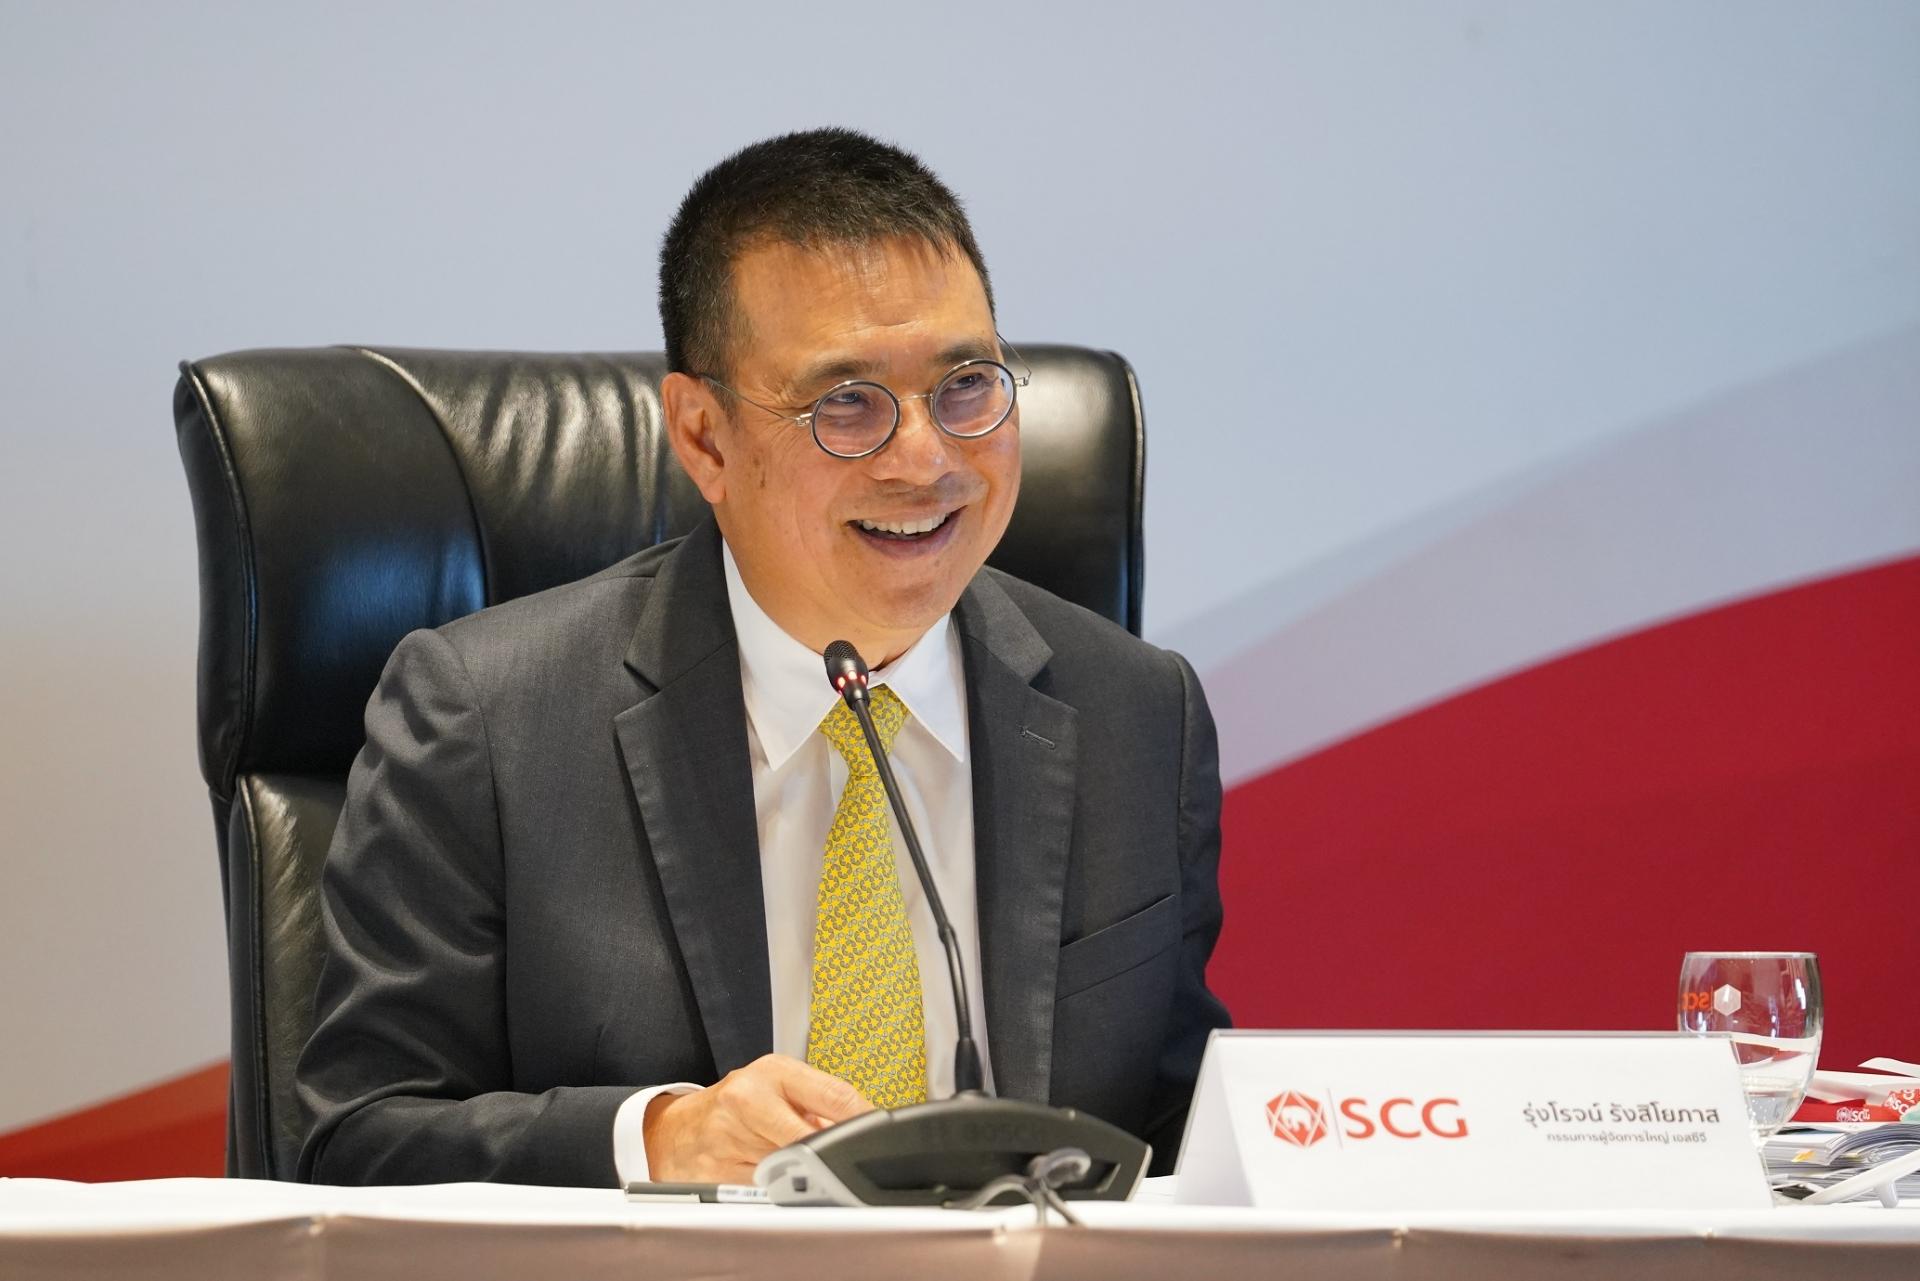 scg records higher profits in 2020 despite covid 19 constraints